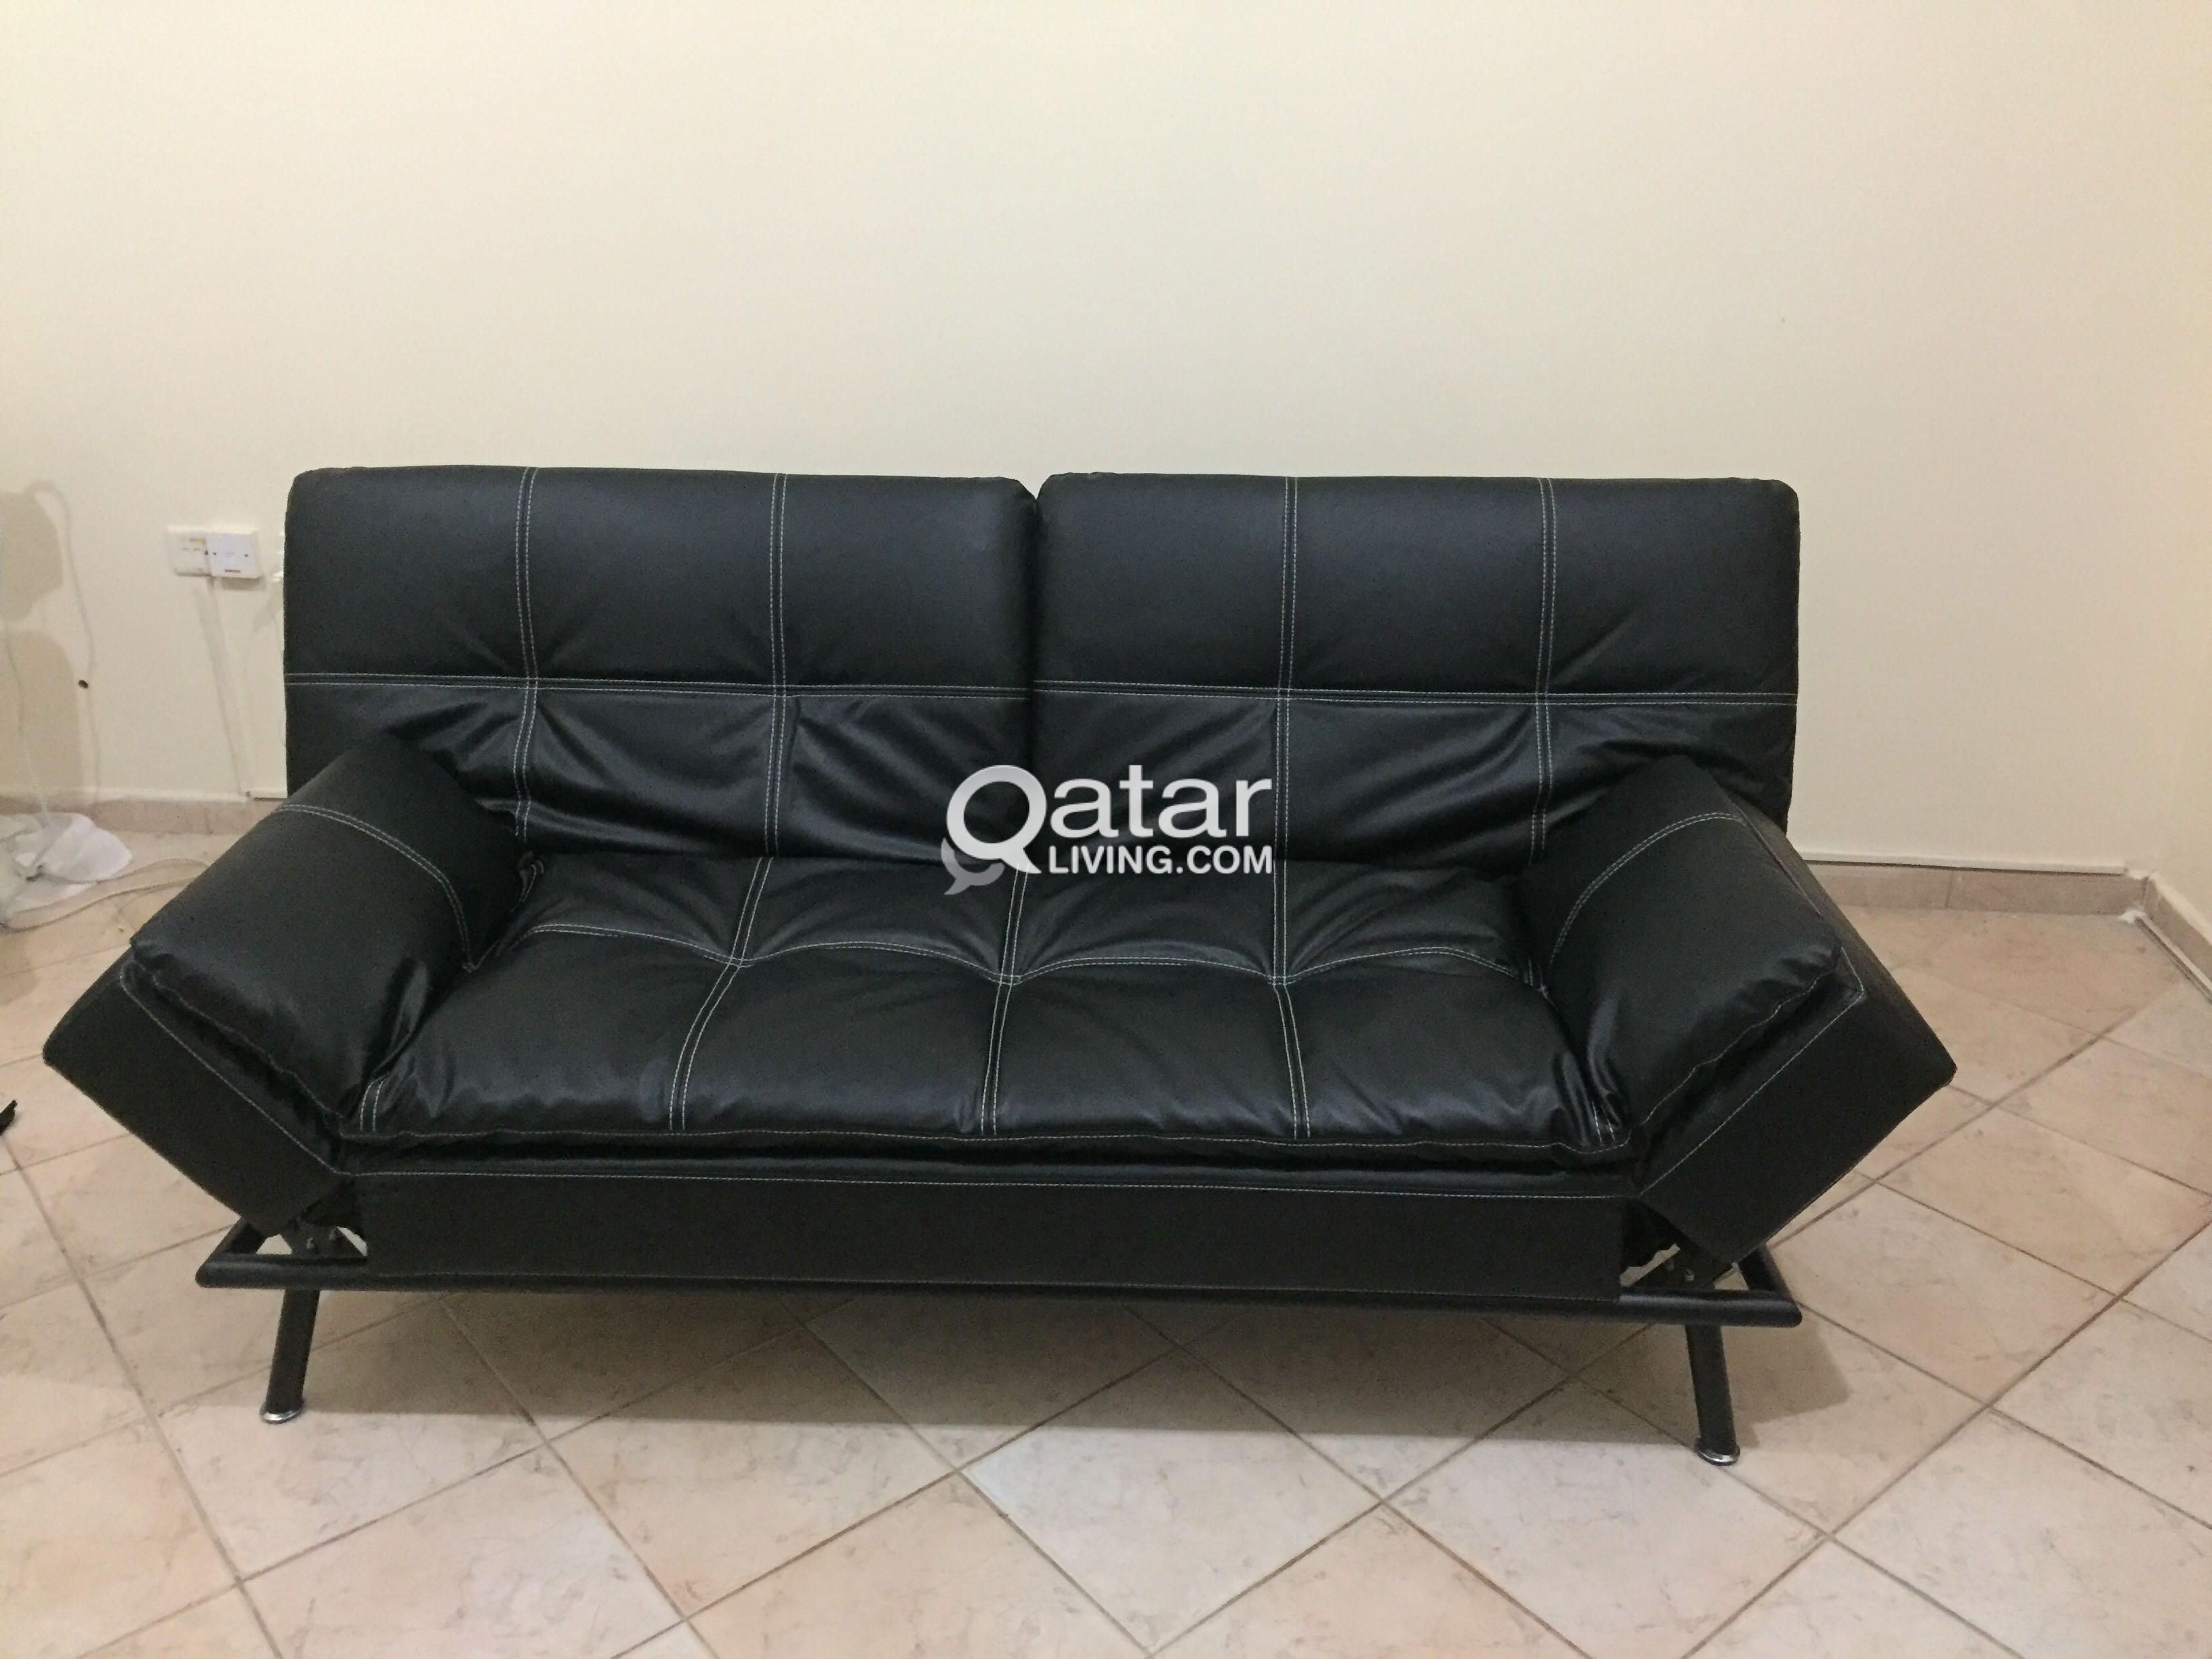 Sofa com us site for Sofa bed qatar living